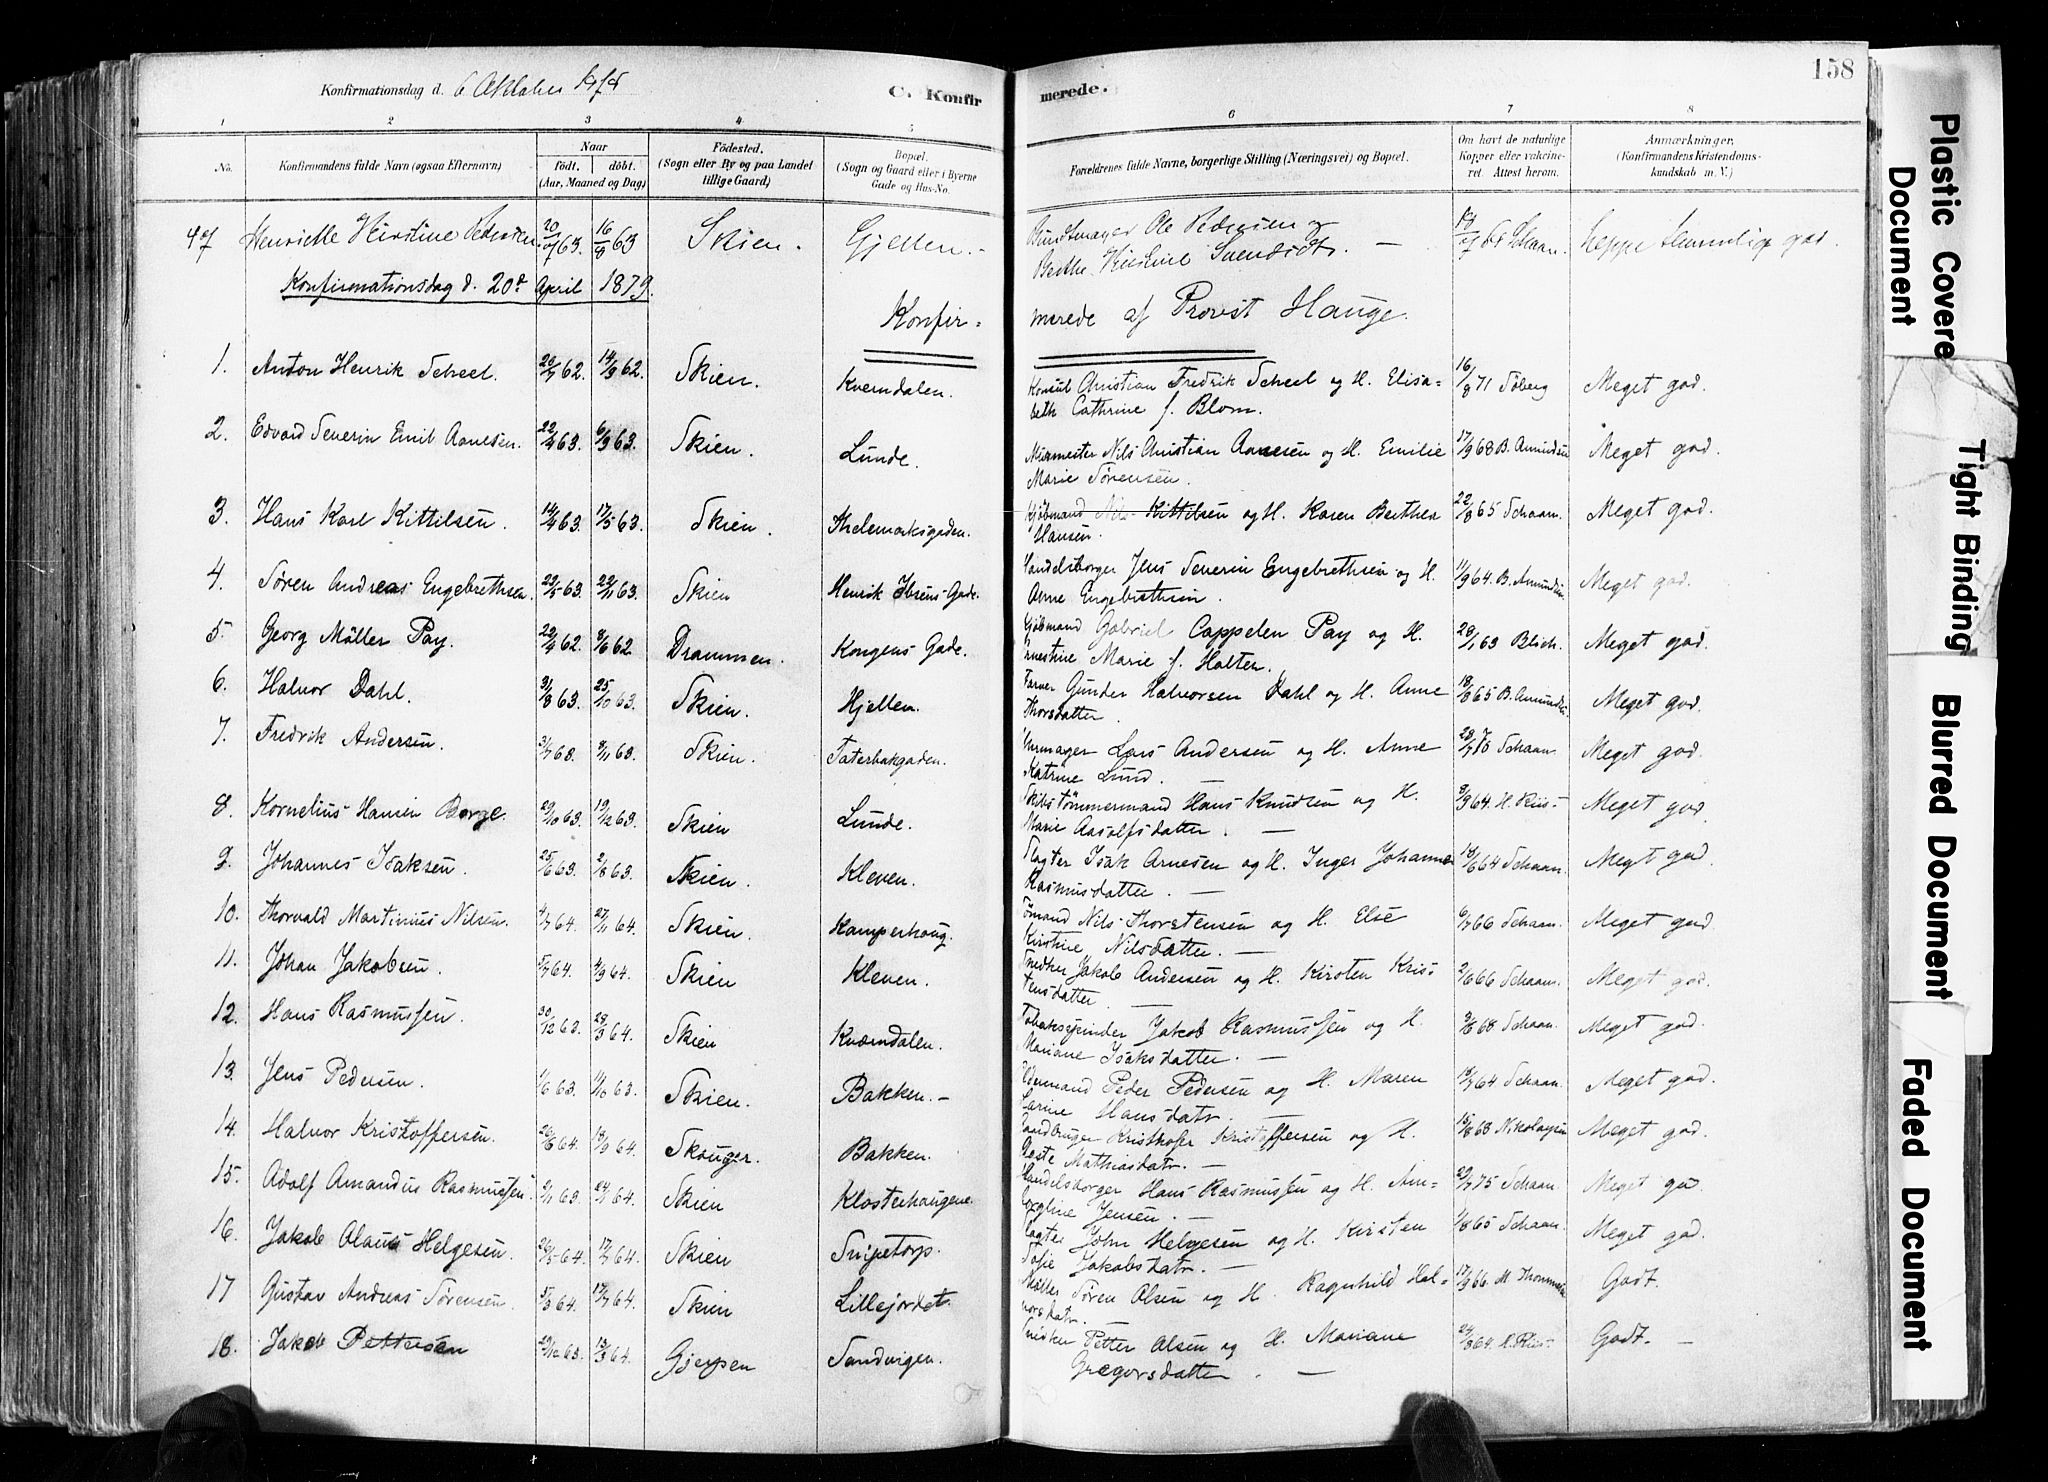 SAKO, Skien kirkebøker, F/Fa/L0009: Ministerialbok nr. 9, 1878-1890, s. 158